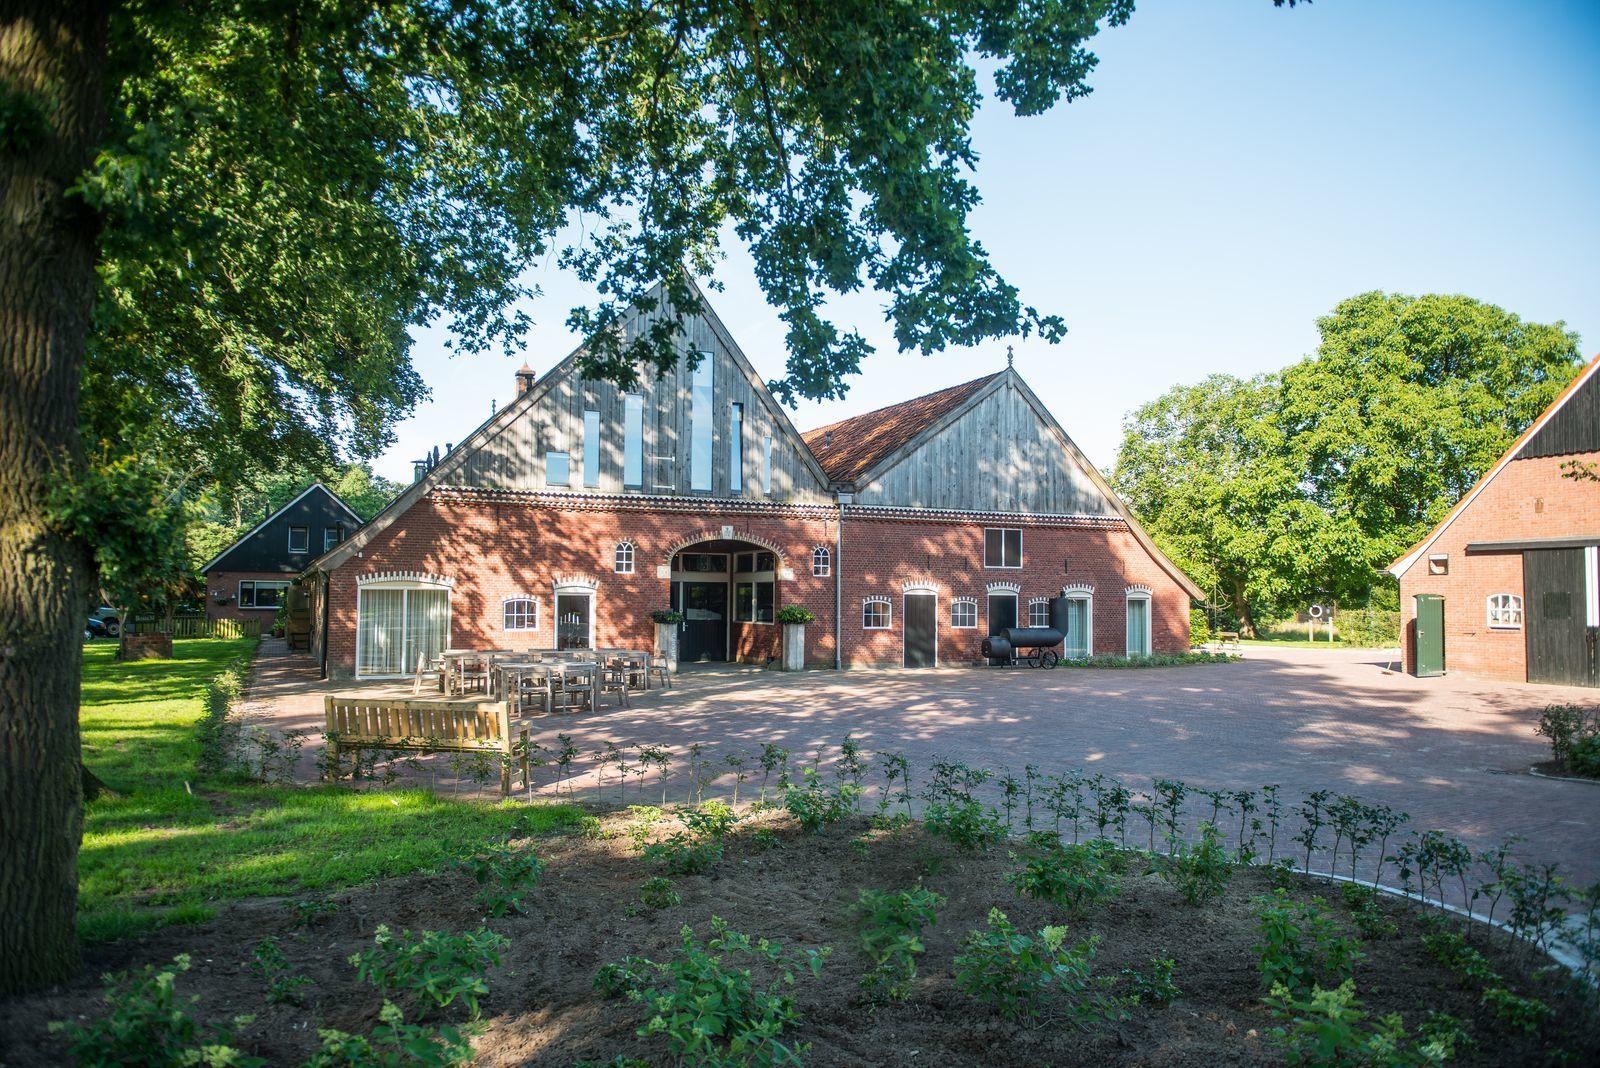 Twentse Buitenleven - Sterrenkubus in Overijssel, romantisch overnachten